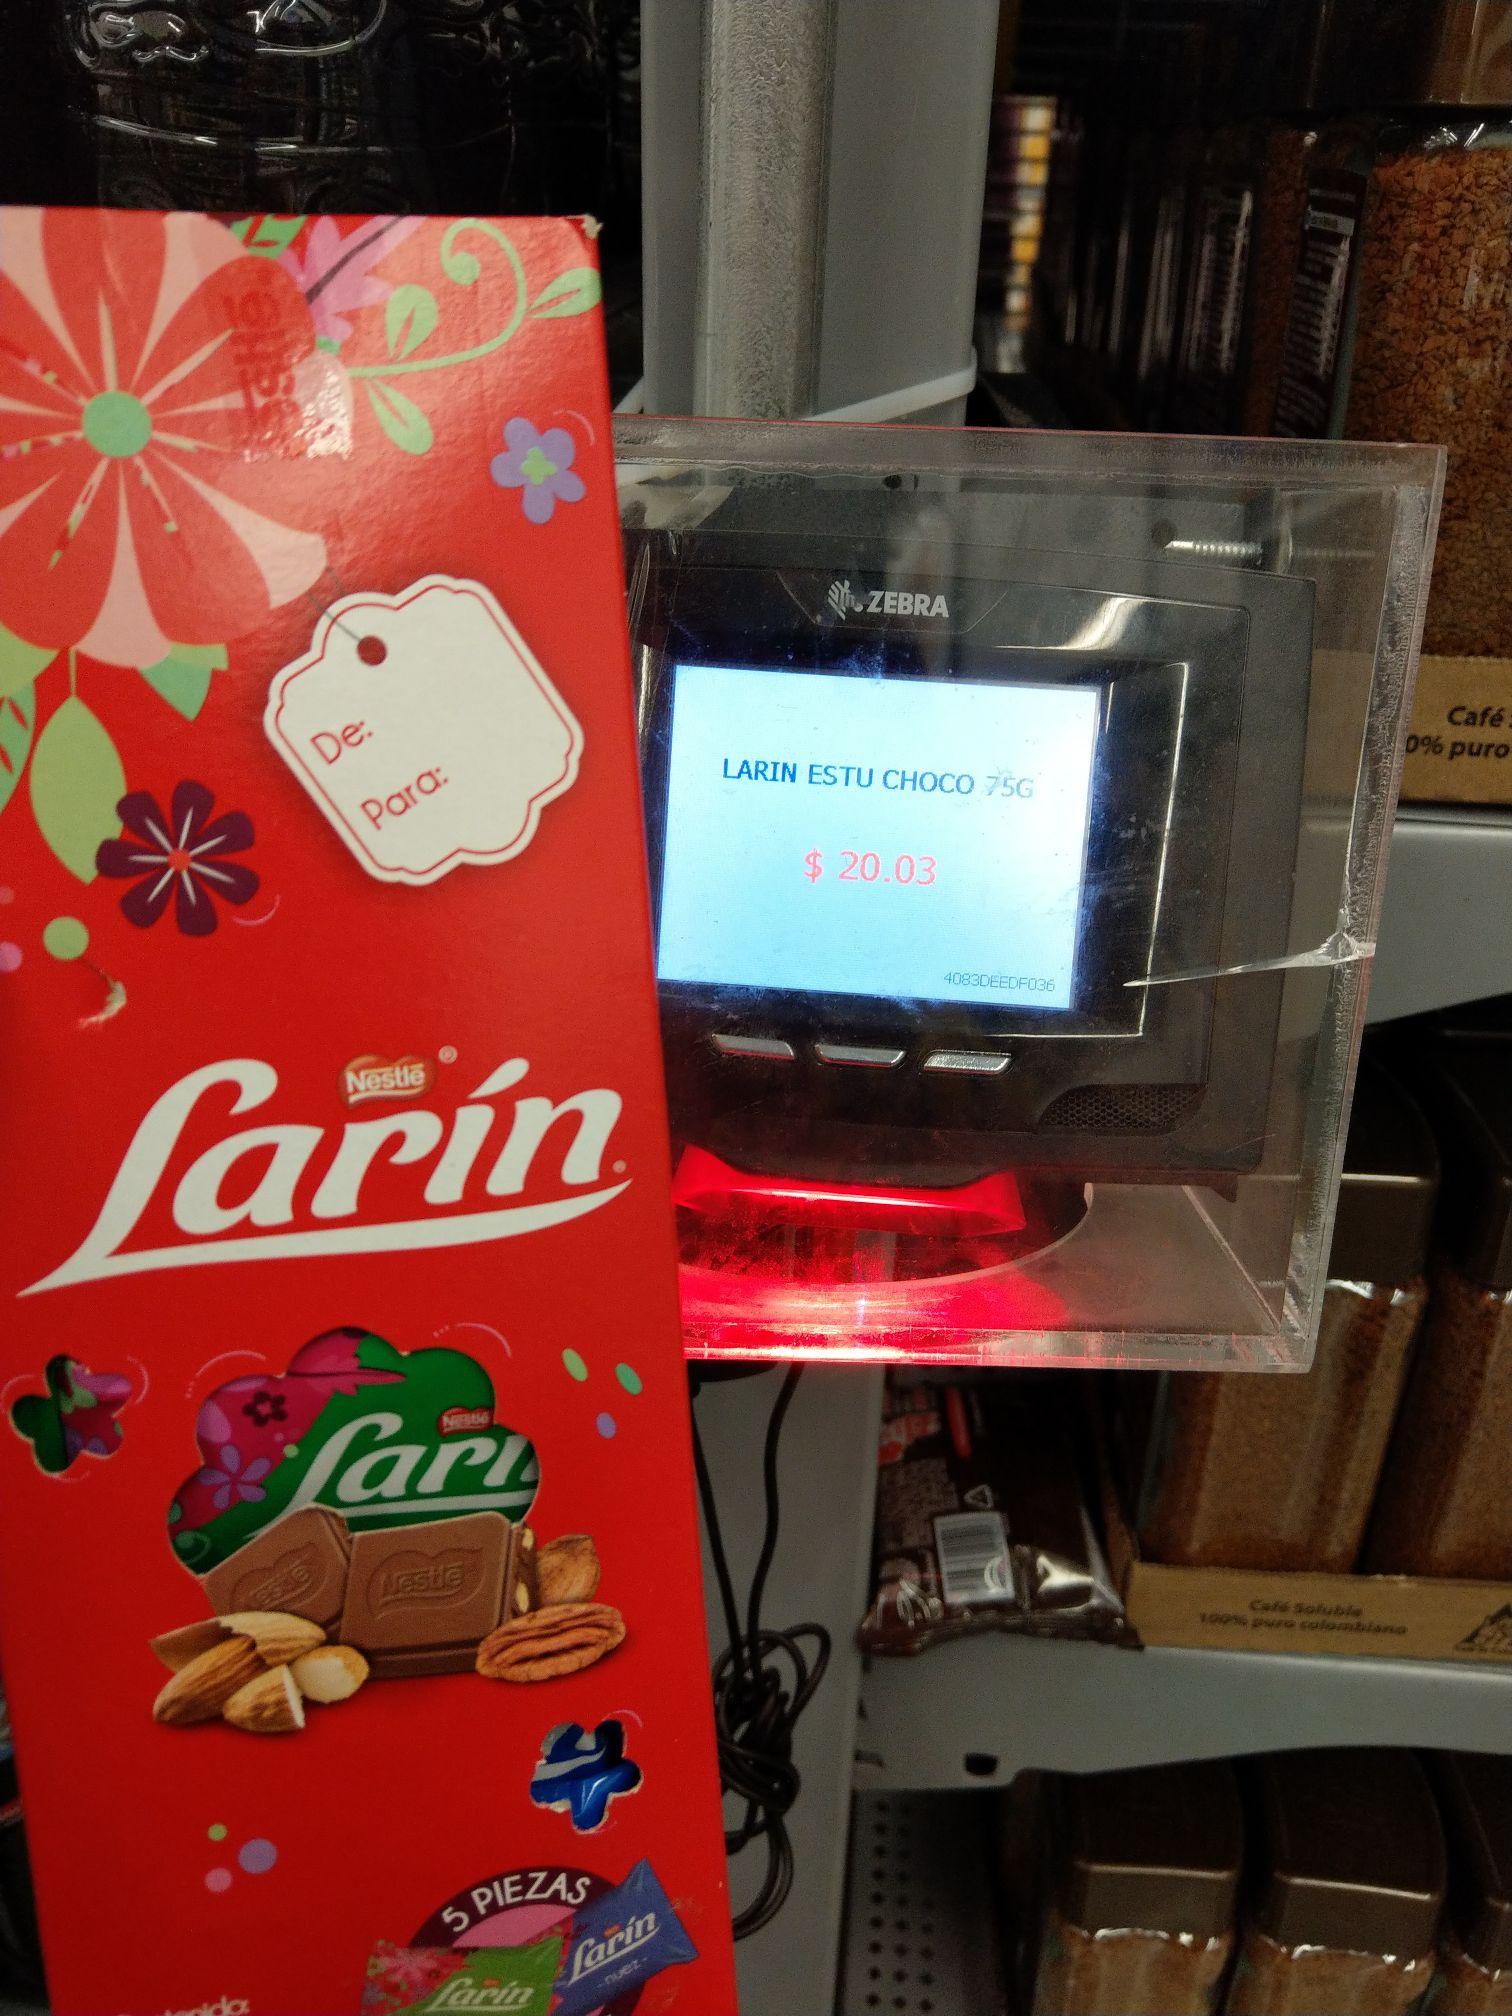 Walmart: Caja chocolate larin  almendra y nuez